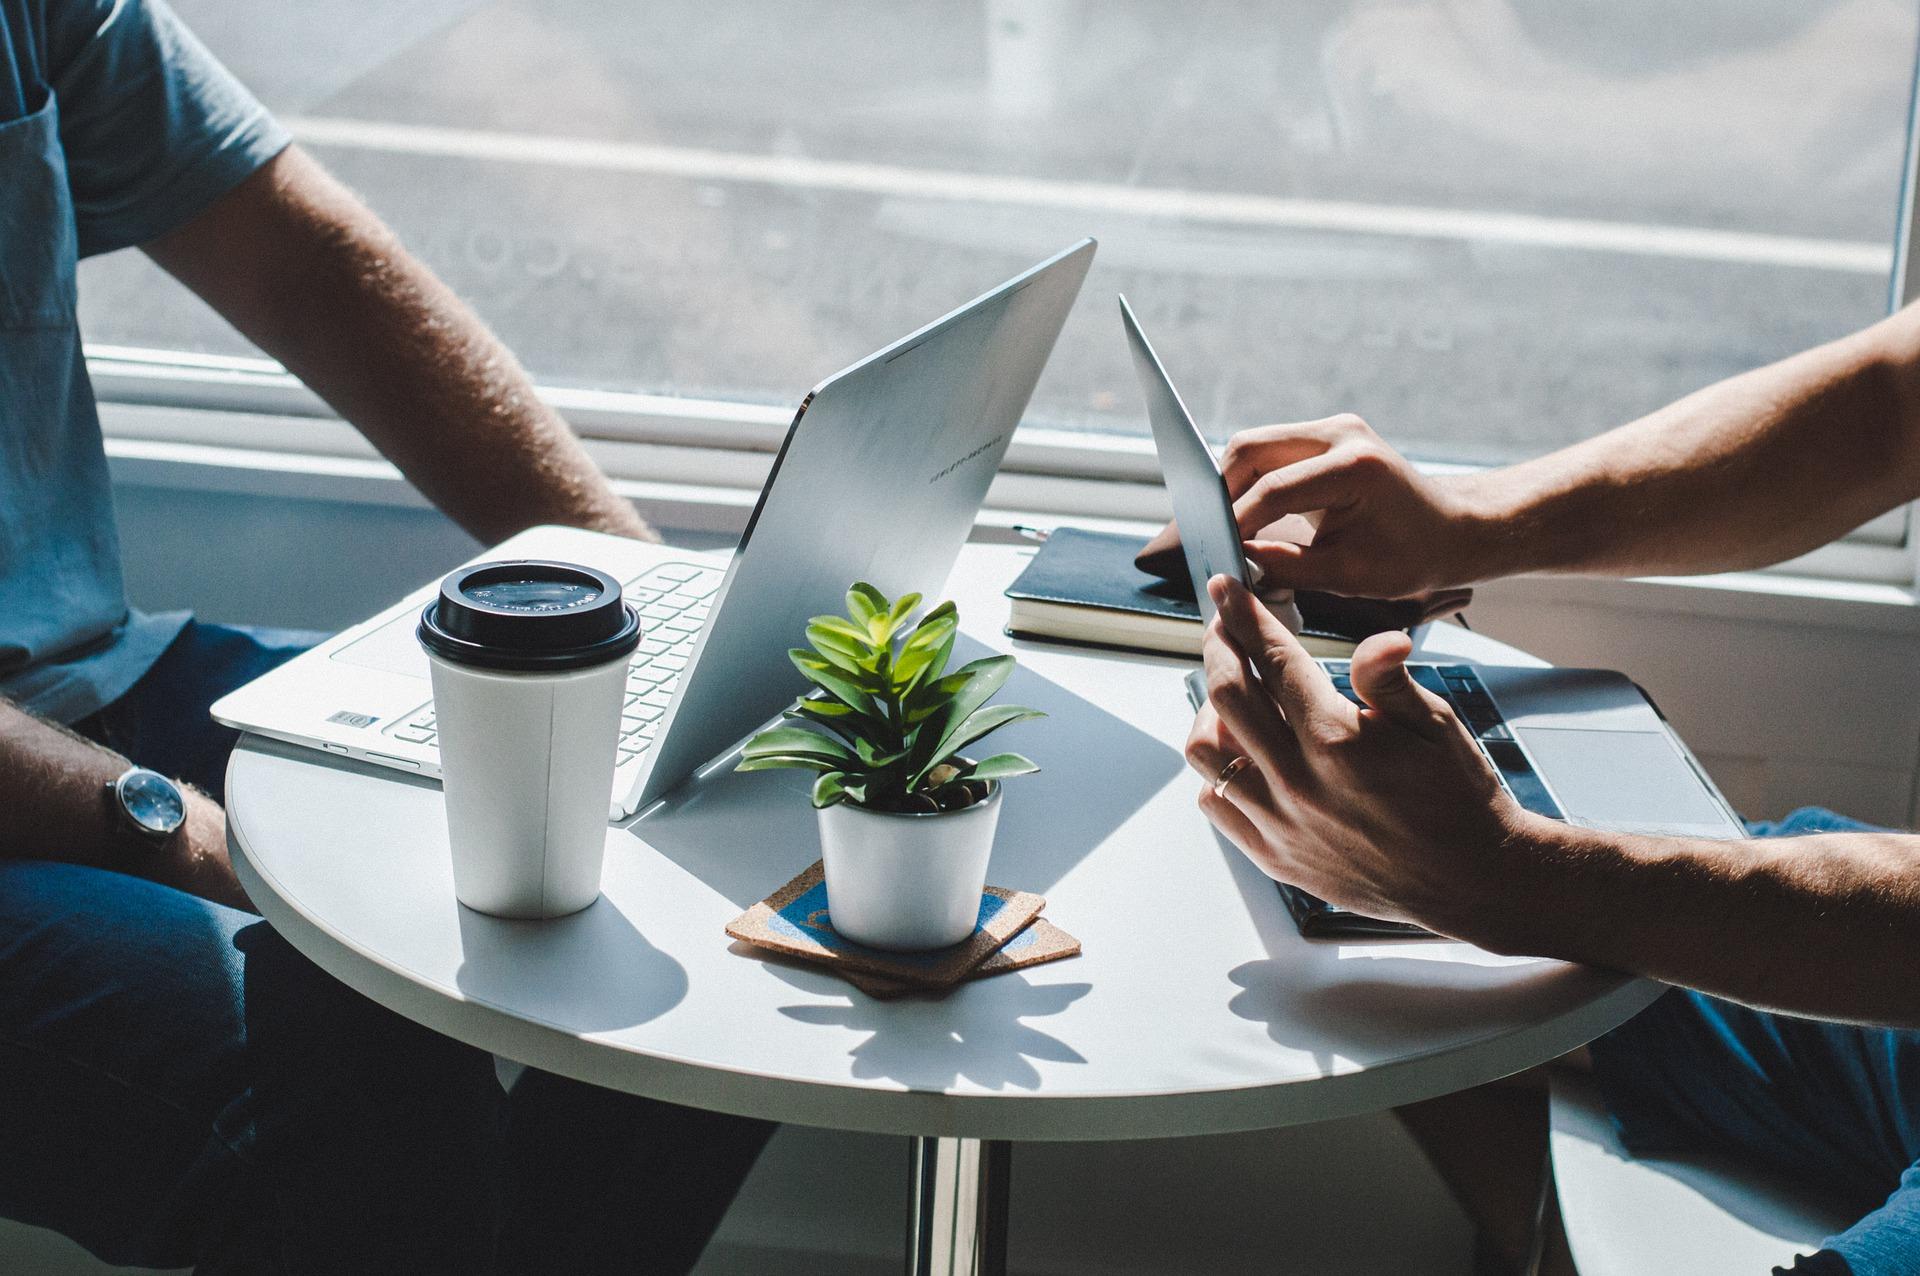 Den 10. september 9.00 - 11.30 Selvledelse Onlineworkshop Fix the basic Selvledelse - Dialog med din leder